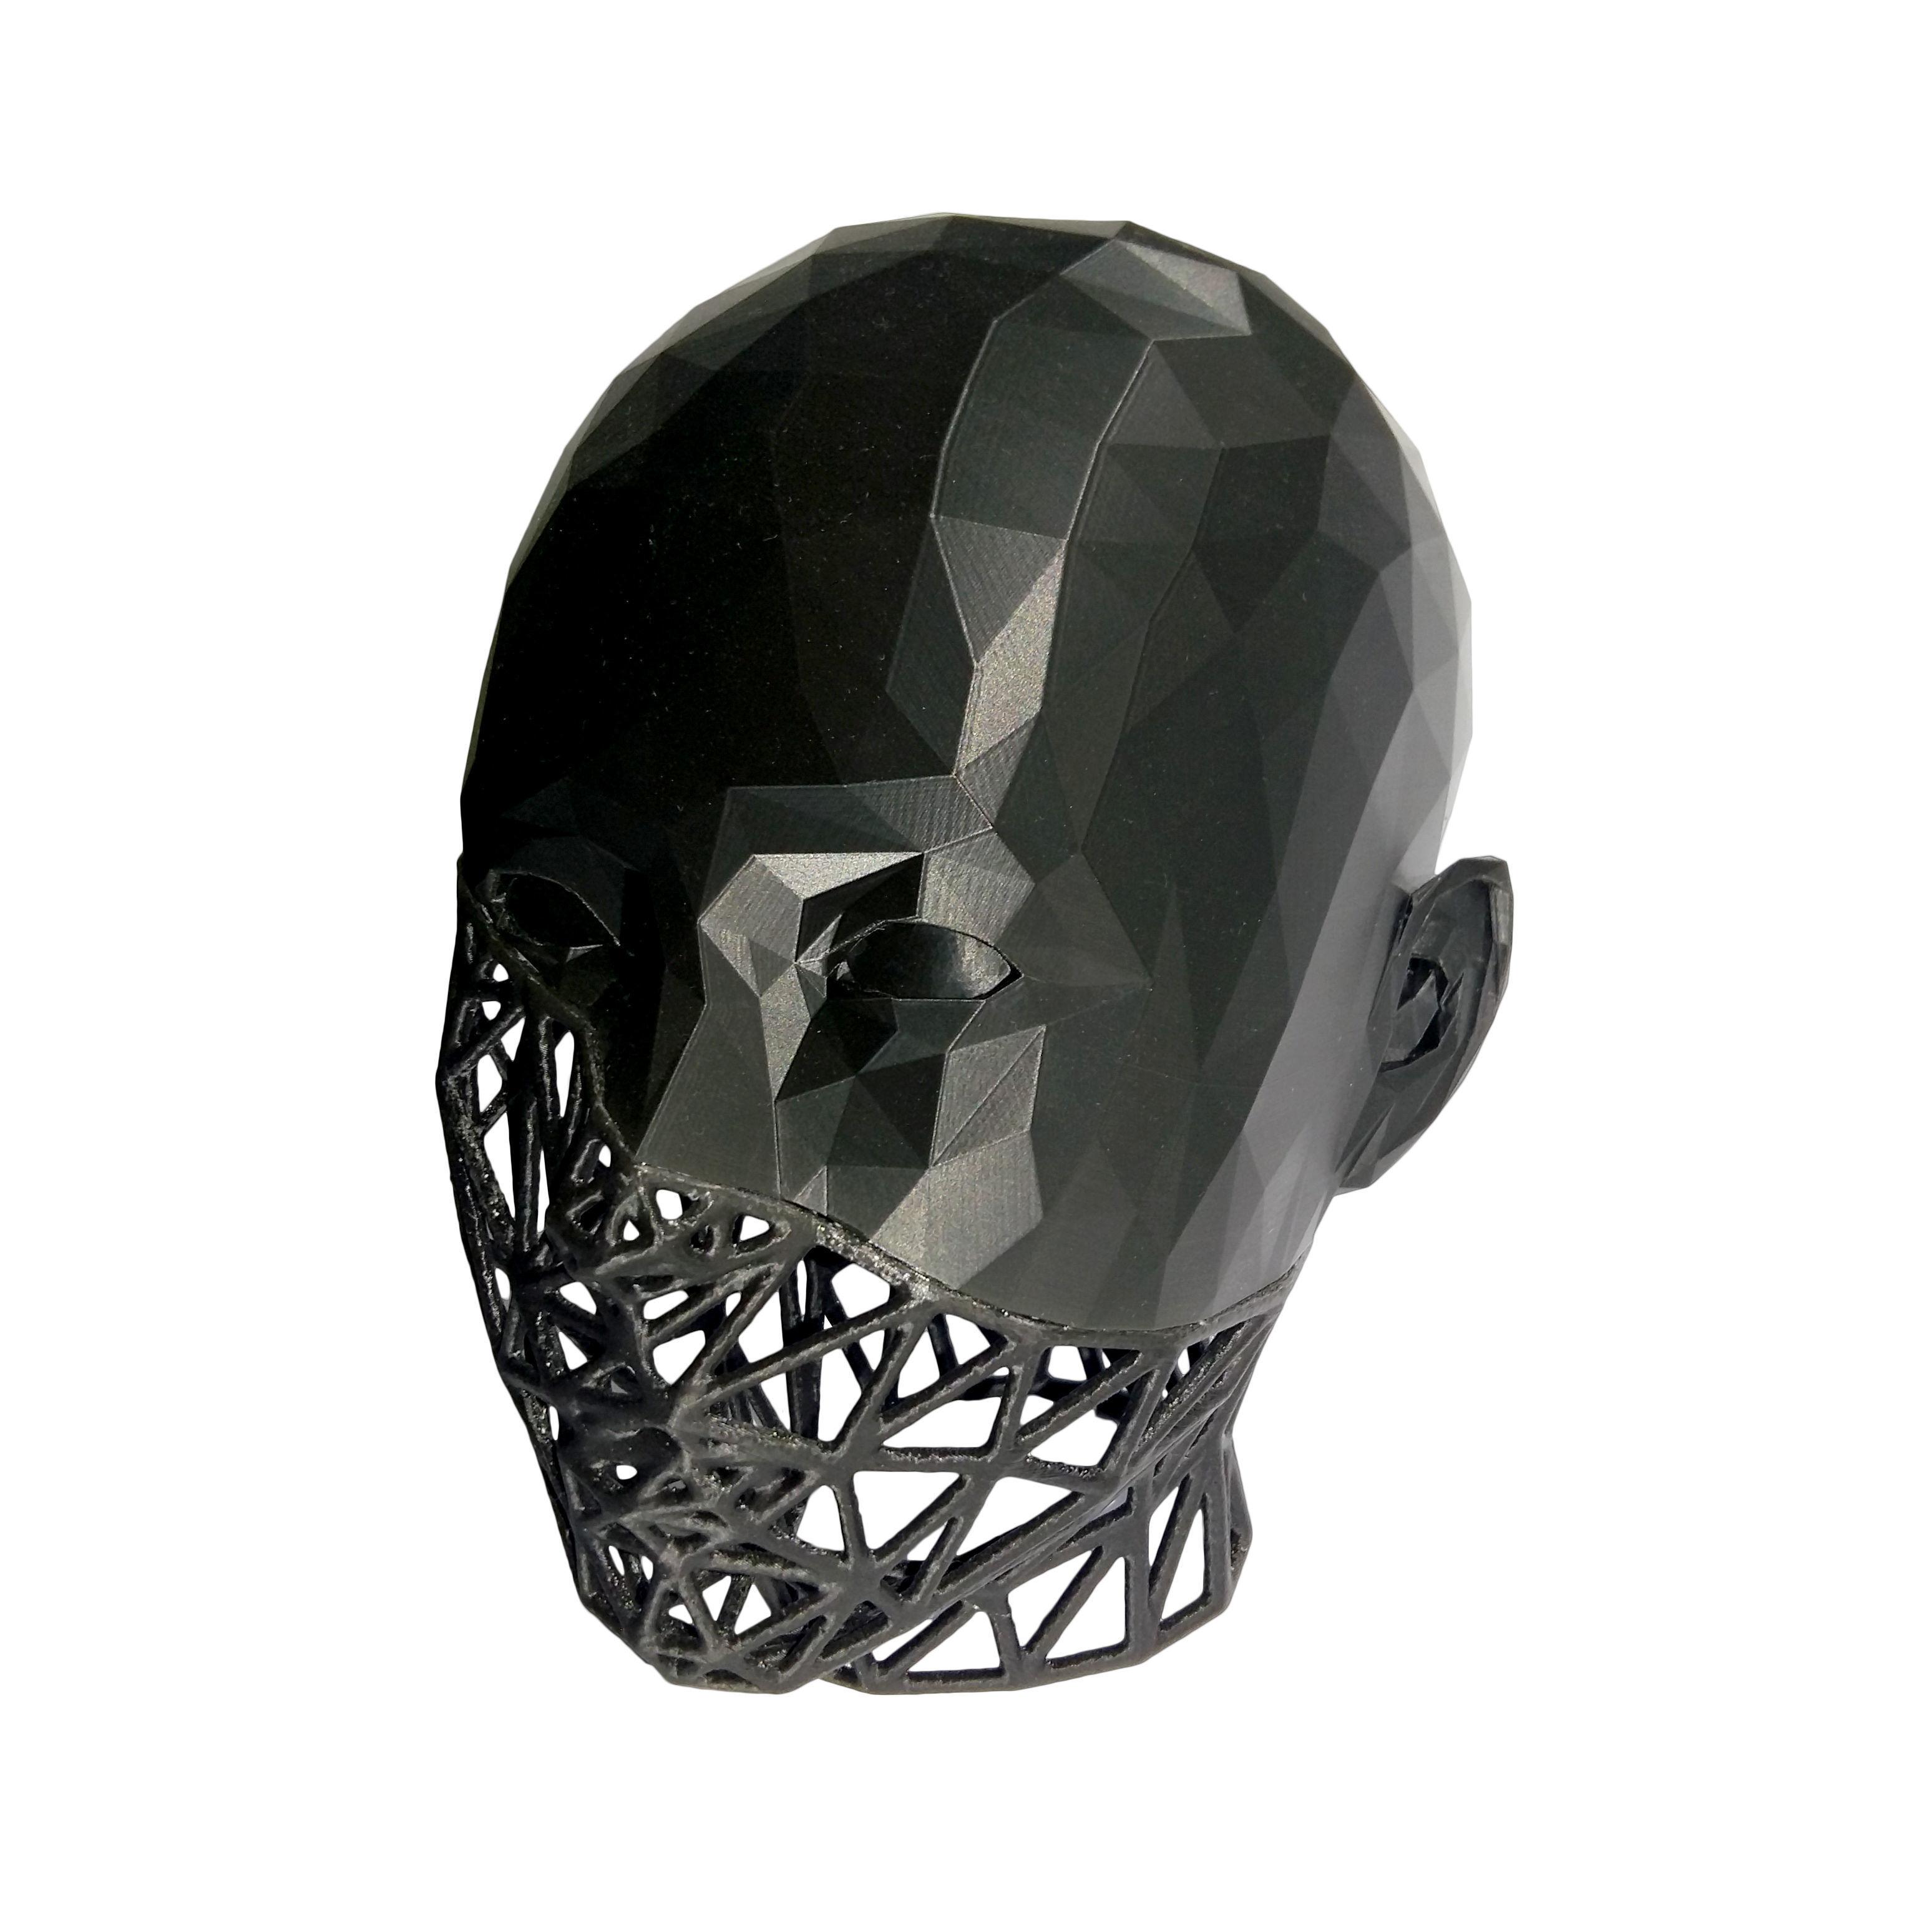 Ultimate VR holder